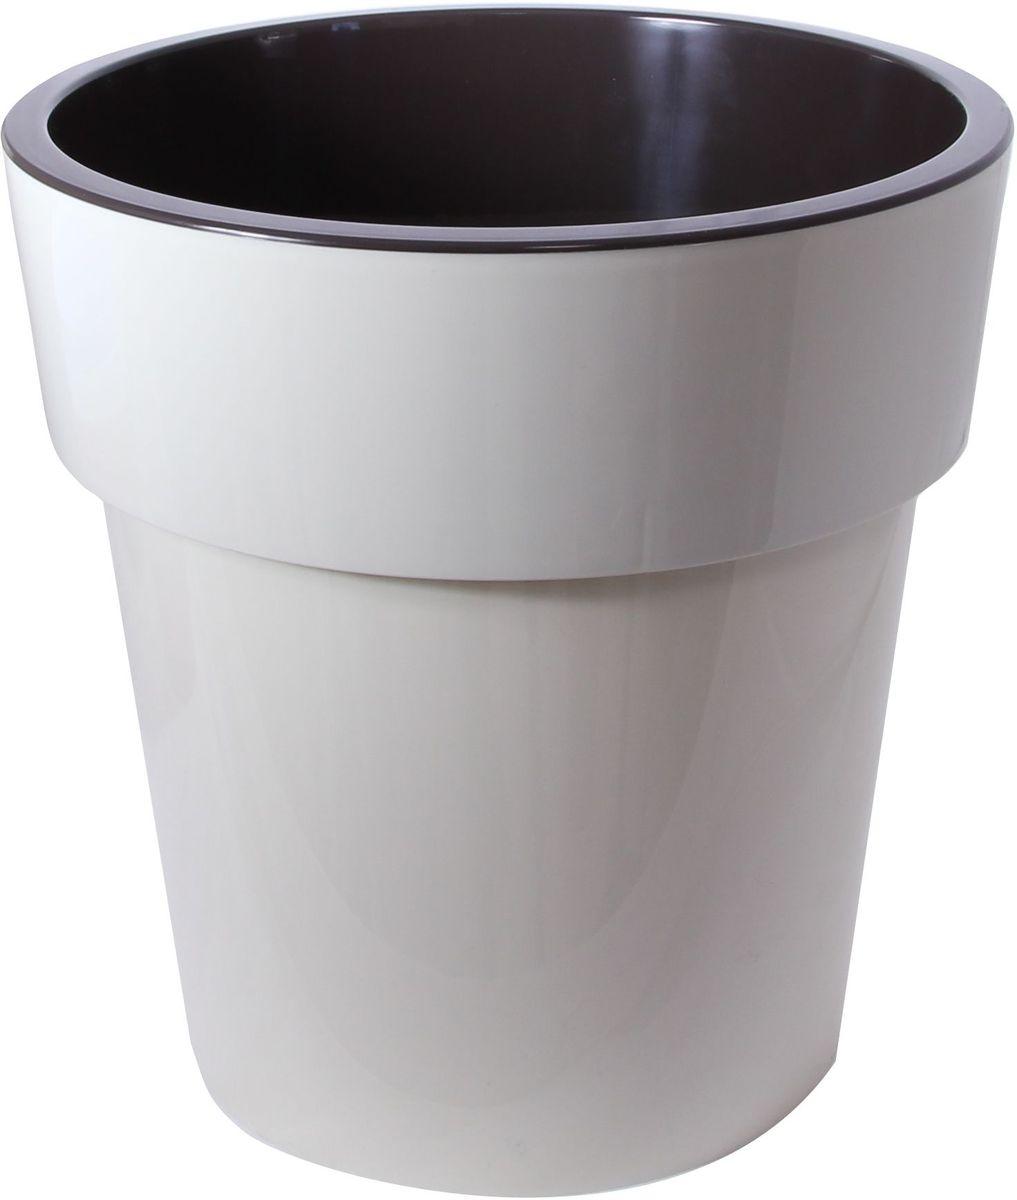 Кашпо Idea Тубус, цвет: белый, диаметр 20 смМ 3165Кашпо Idea Тубус изготовлено из прочного пластика. Изделие прекрасно подходит для выращивания растений и цветов в домашних условиях. Стильный современный дизайн органично впишется в интерьер помещения.Диаметр кашпо: 20 см. Высота кашпо: 20 см.